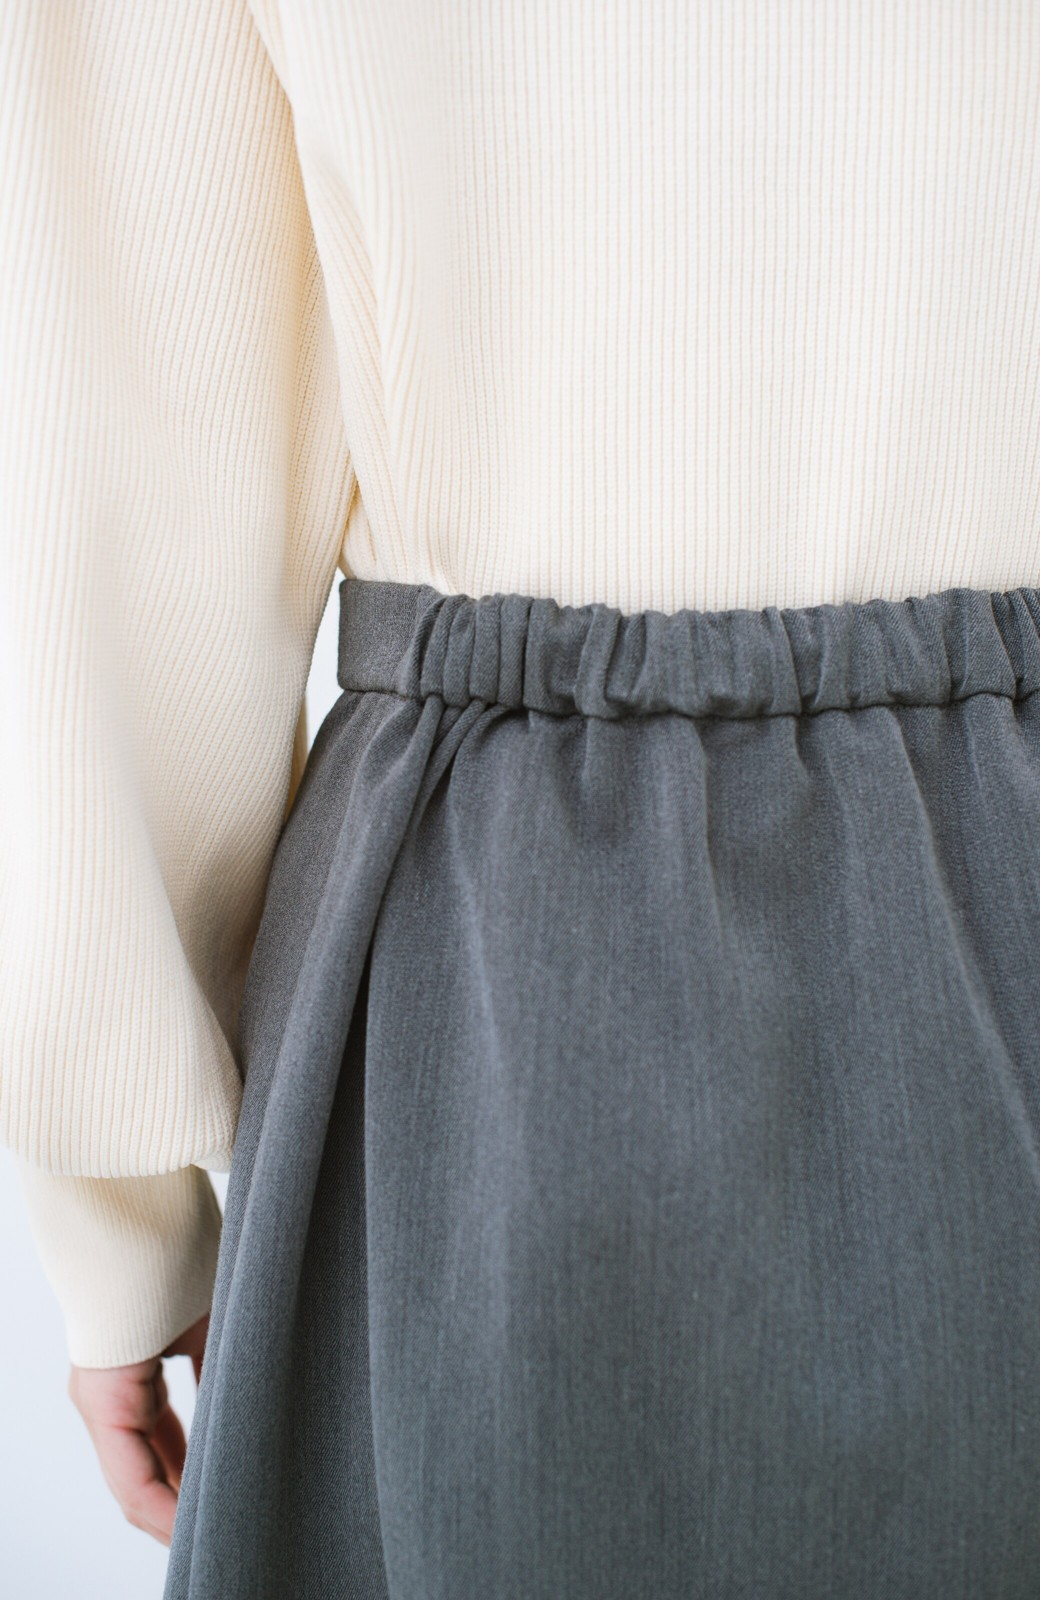 haco! いつものトップスにプラスするだけでパッと気分が変わる 楽ちんチェックプリーツスカート <ブラウン系その他>の商品写真8